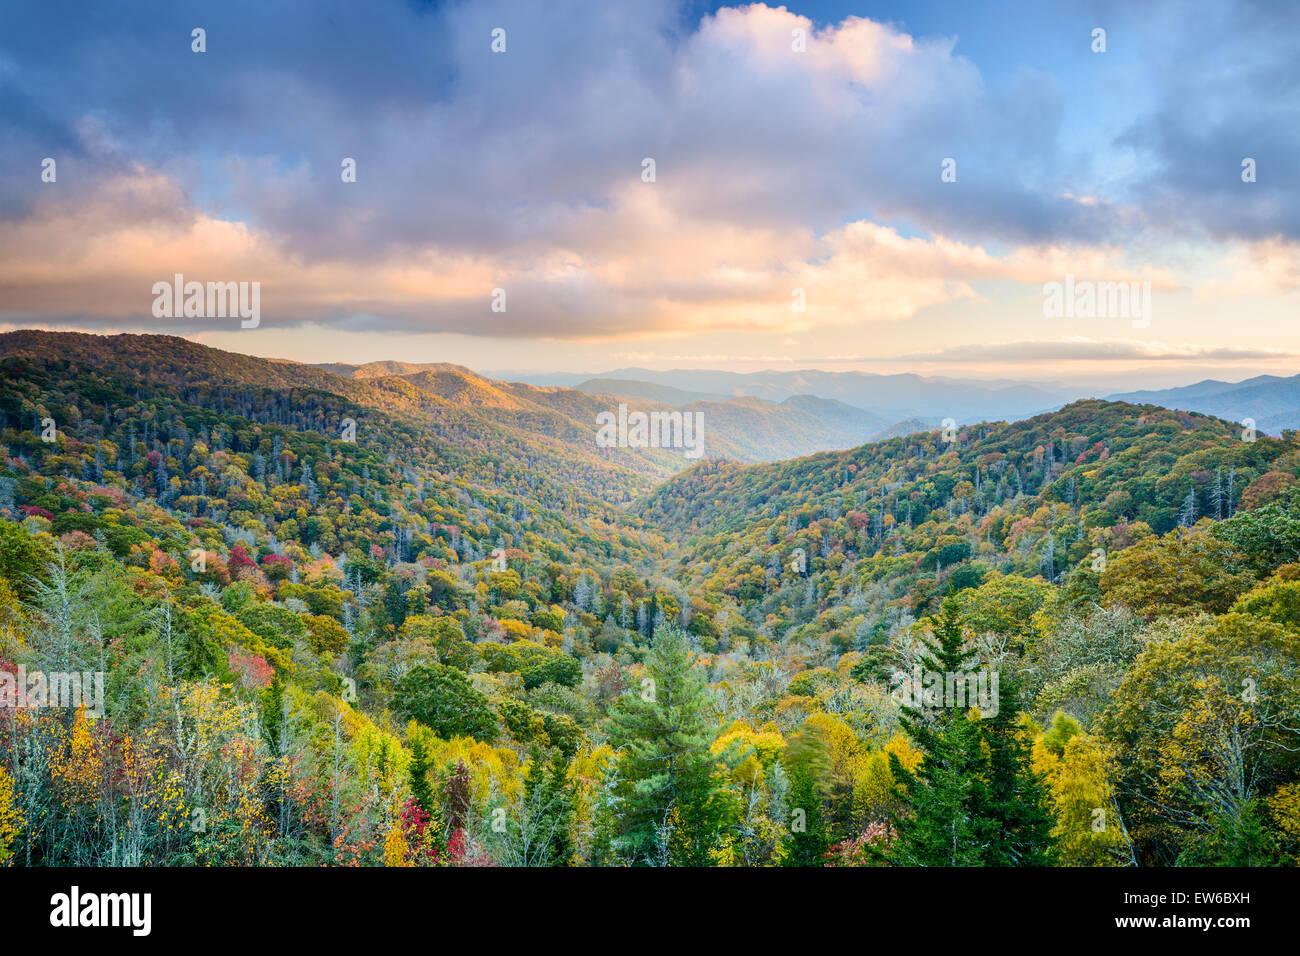 Herbstlandschaft Smoky Mountains National Park, Tennessee, USA. Stockbild